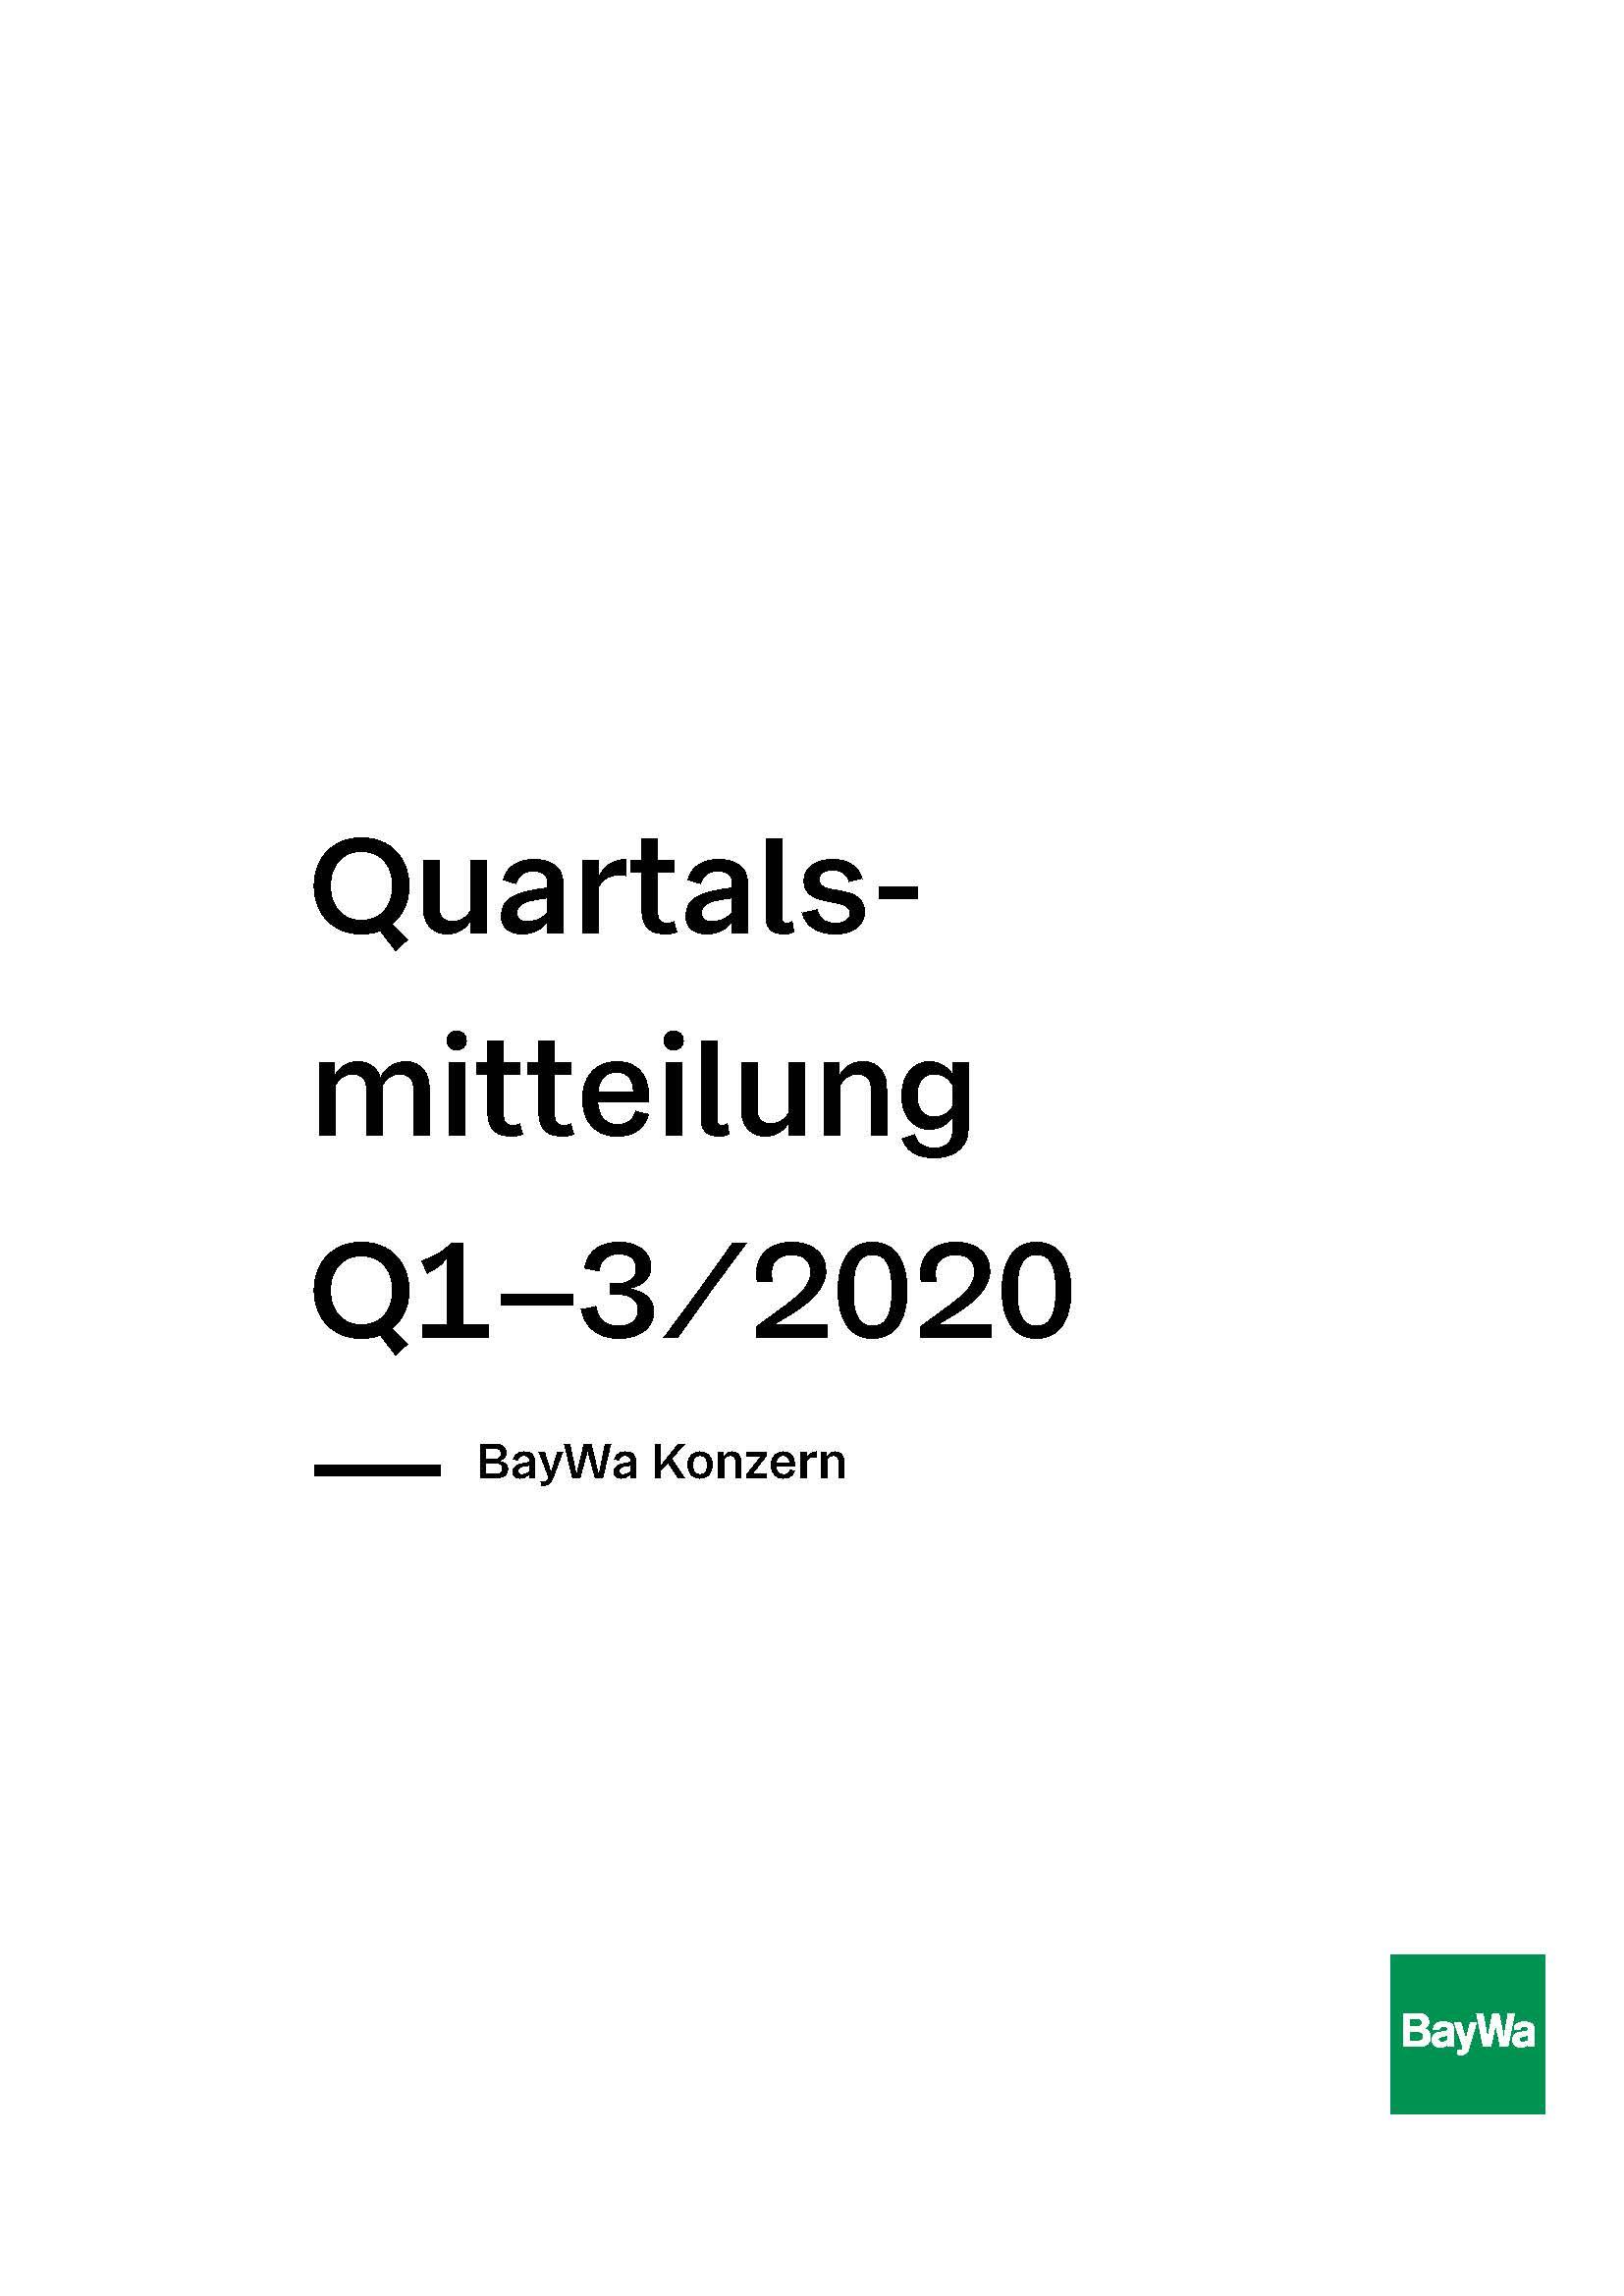 Quartalsmitteilung Q3 2020